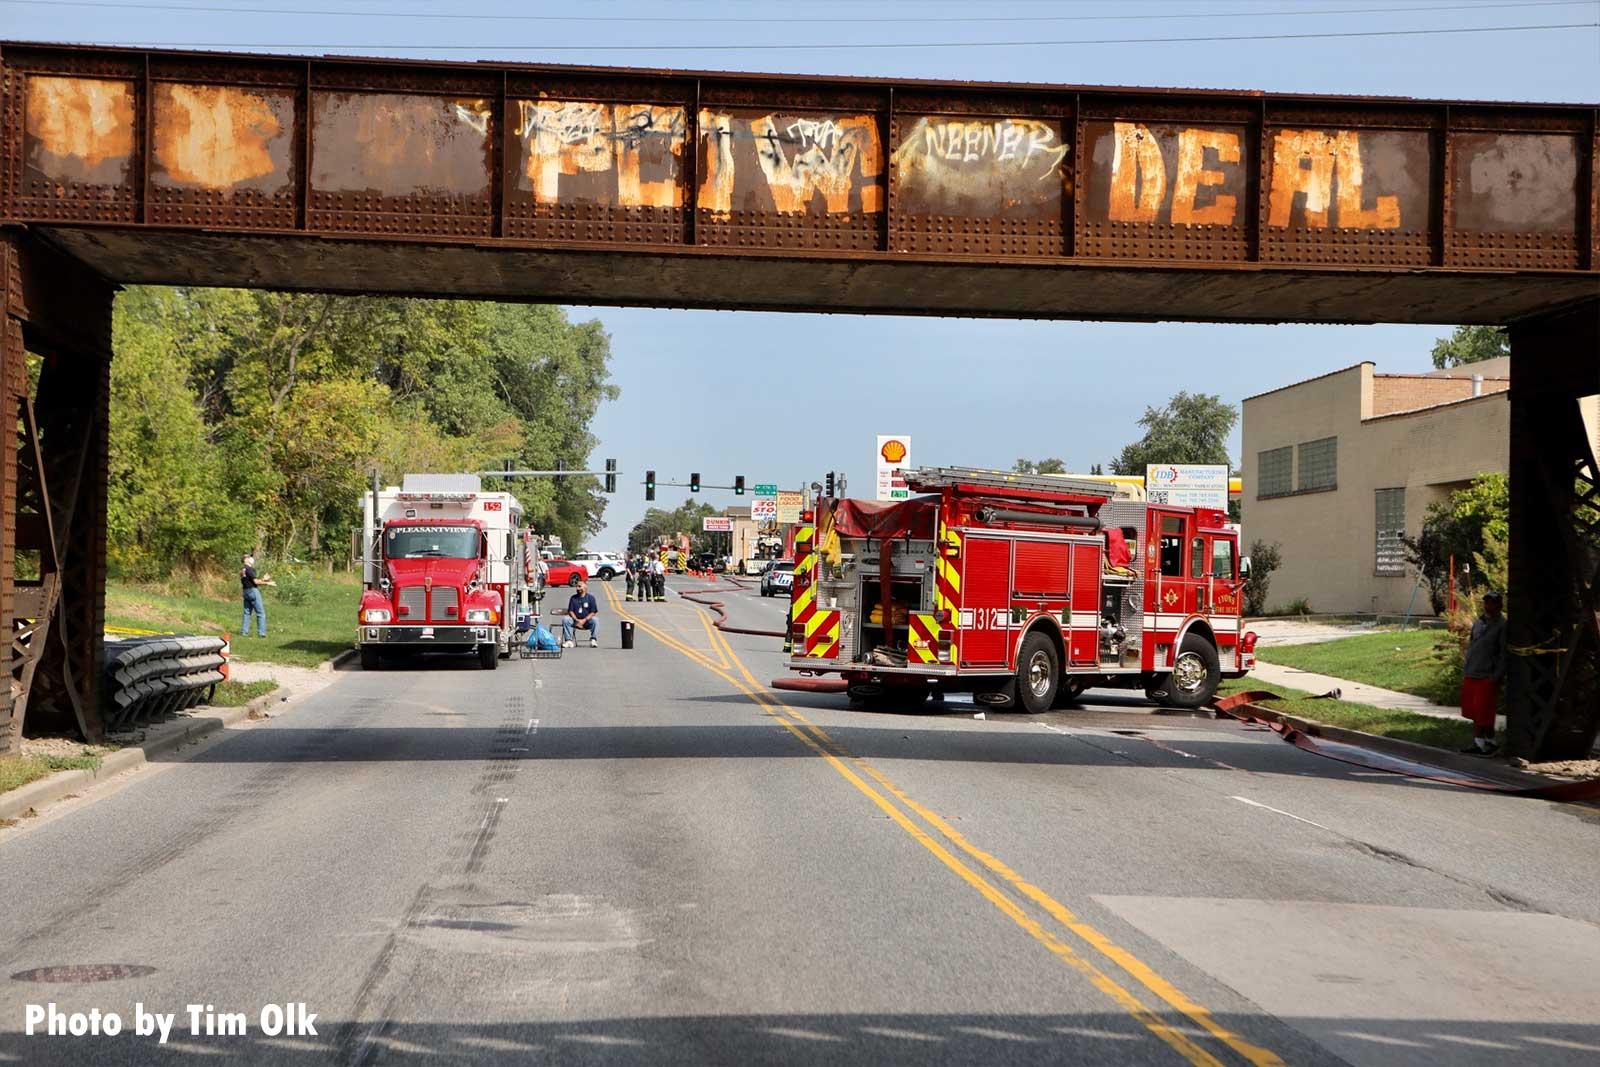 Multiple fire trucks at incident scene